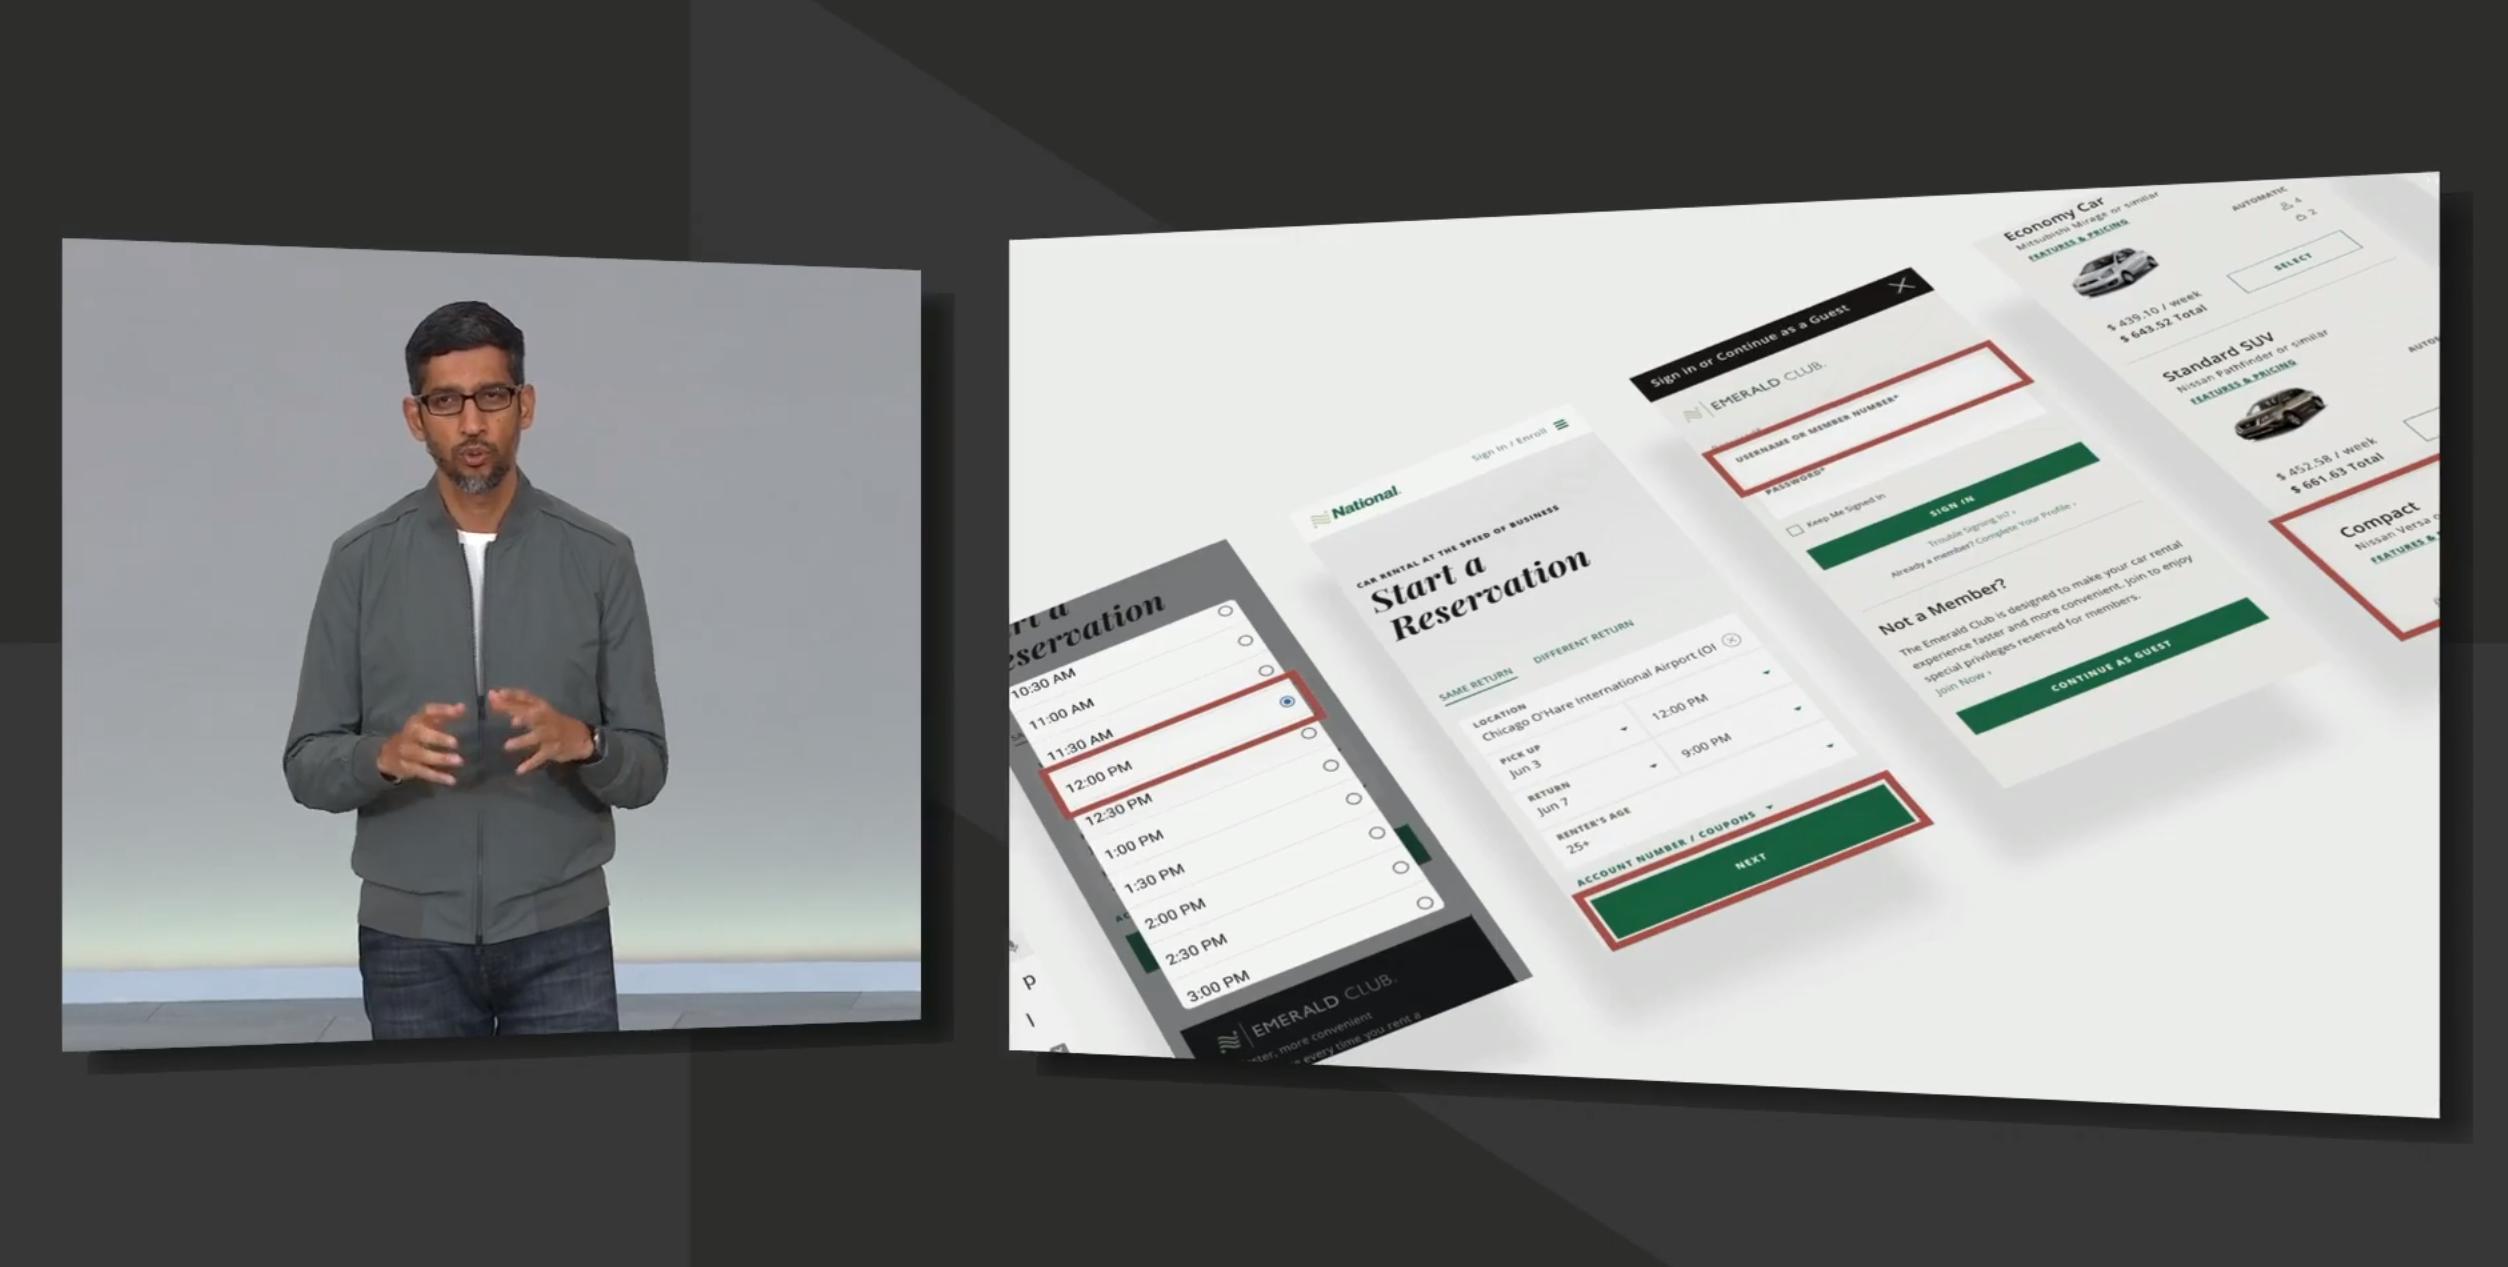 Assistant kan nå fylle ut nettskjema automatisk, for å bestille for eksempel leiebil til en planlagt tur - som den vet alt om fra før, siden du har den i kalenderen din.